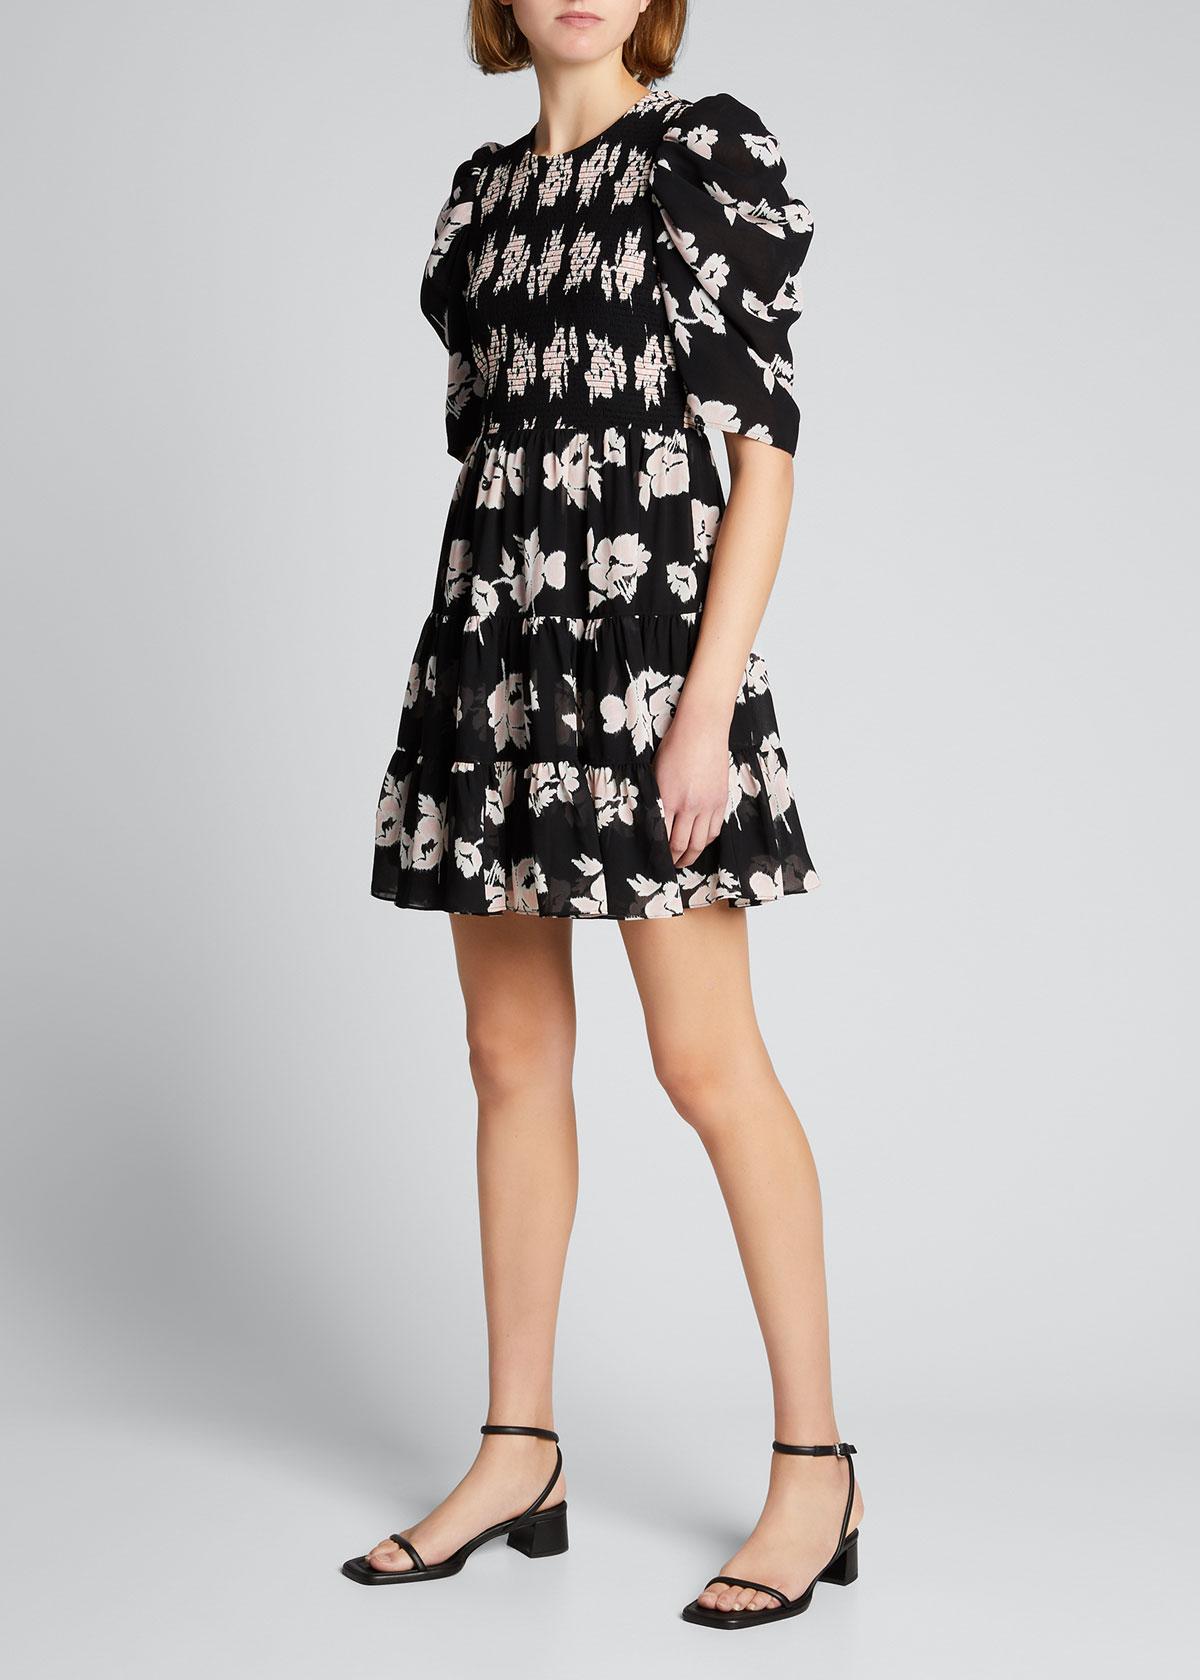 Cinq À Sept Dresses HOLLIS FLORAL SMOCKED-BODICE TIERED DRESS